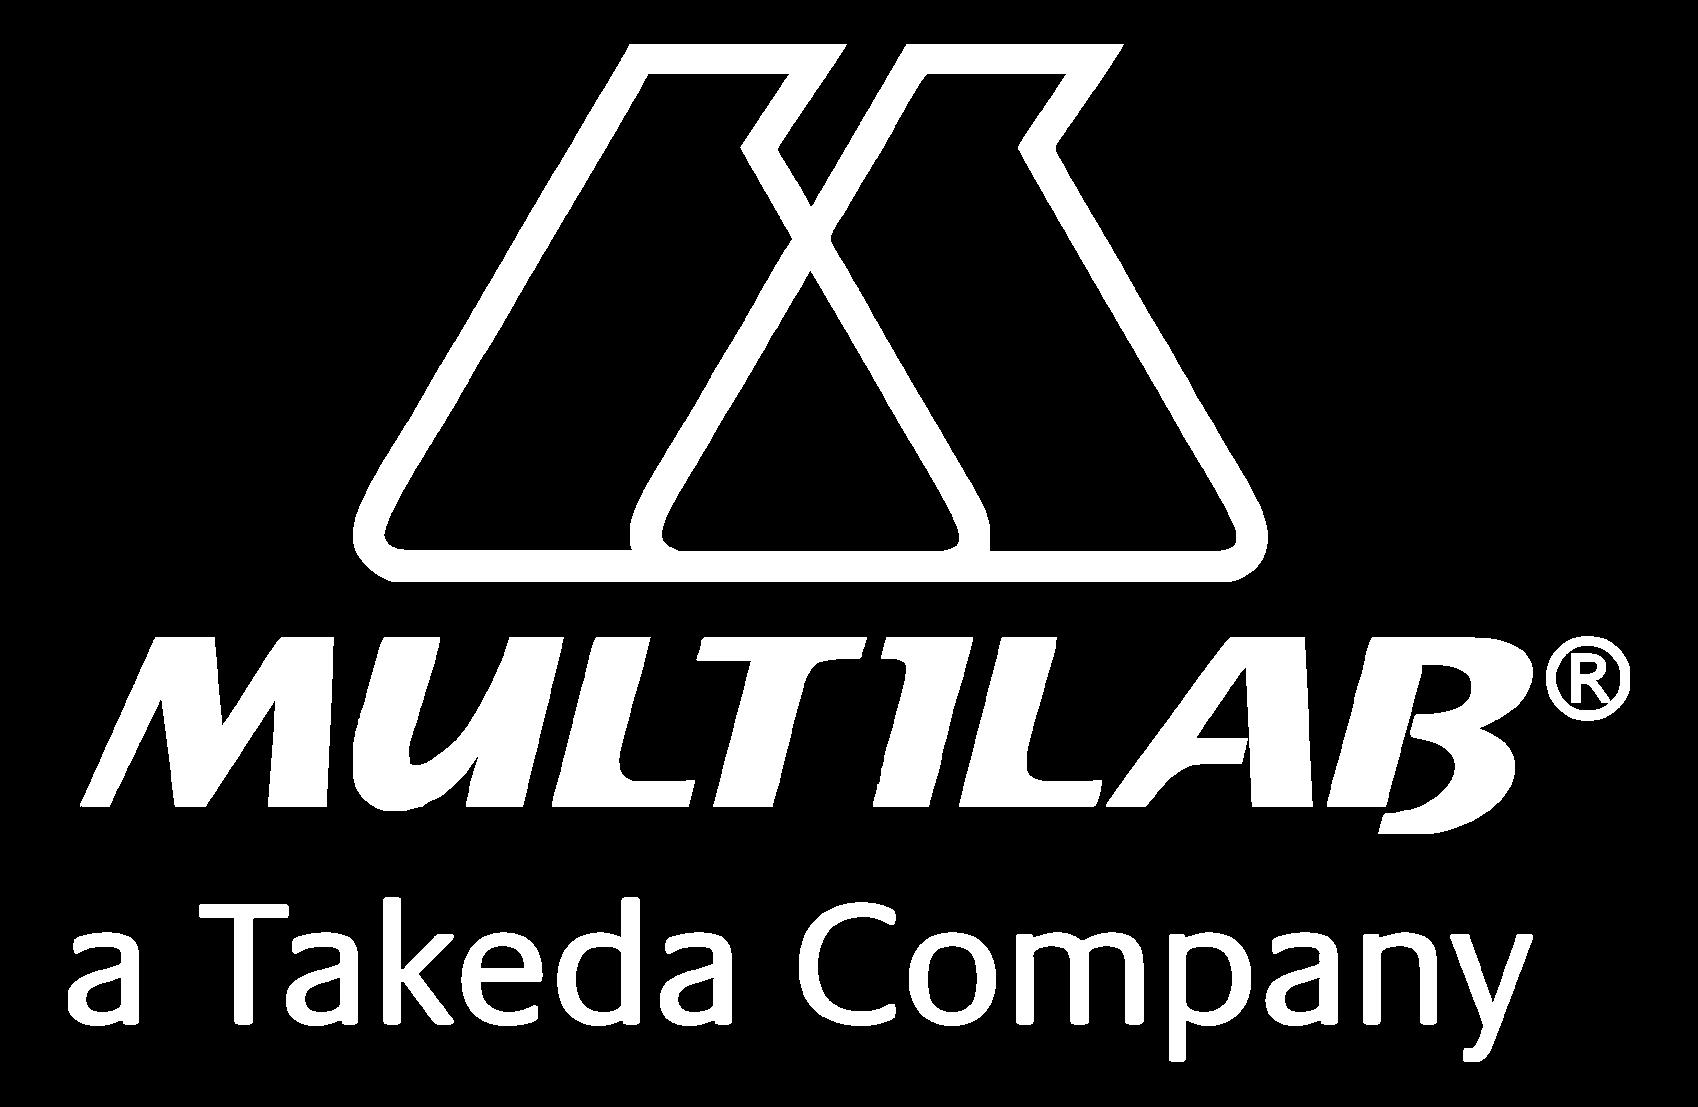 Multilab industria de Medicamentos